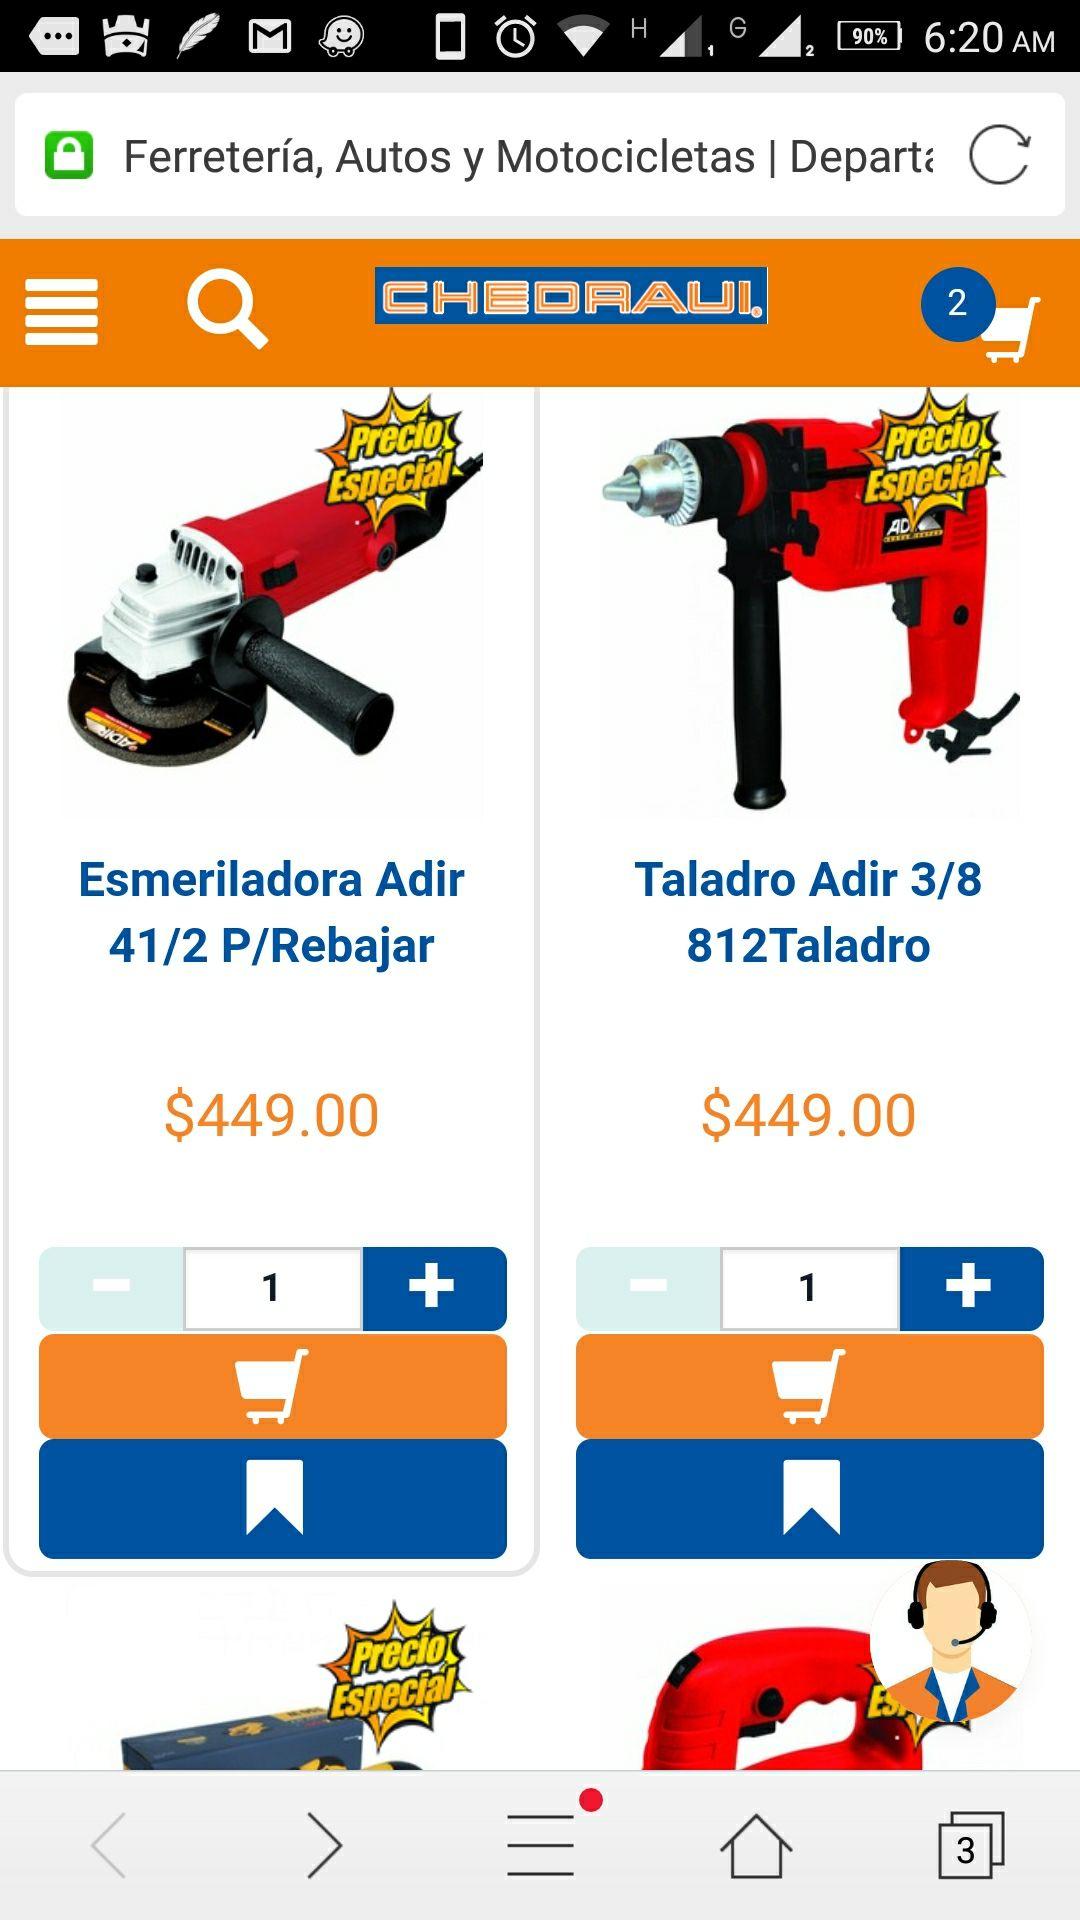 Chedraui: $100 de descuento por cada $1,000 de compra en herramienta eléctrica de marcas seleccionadas